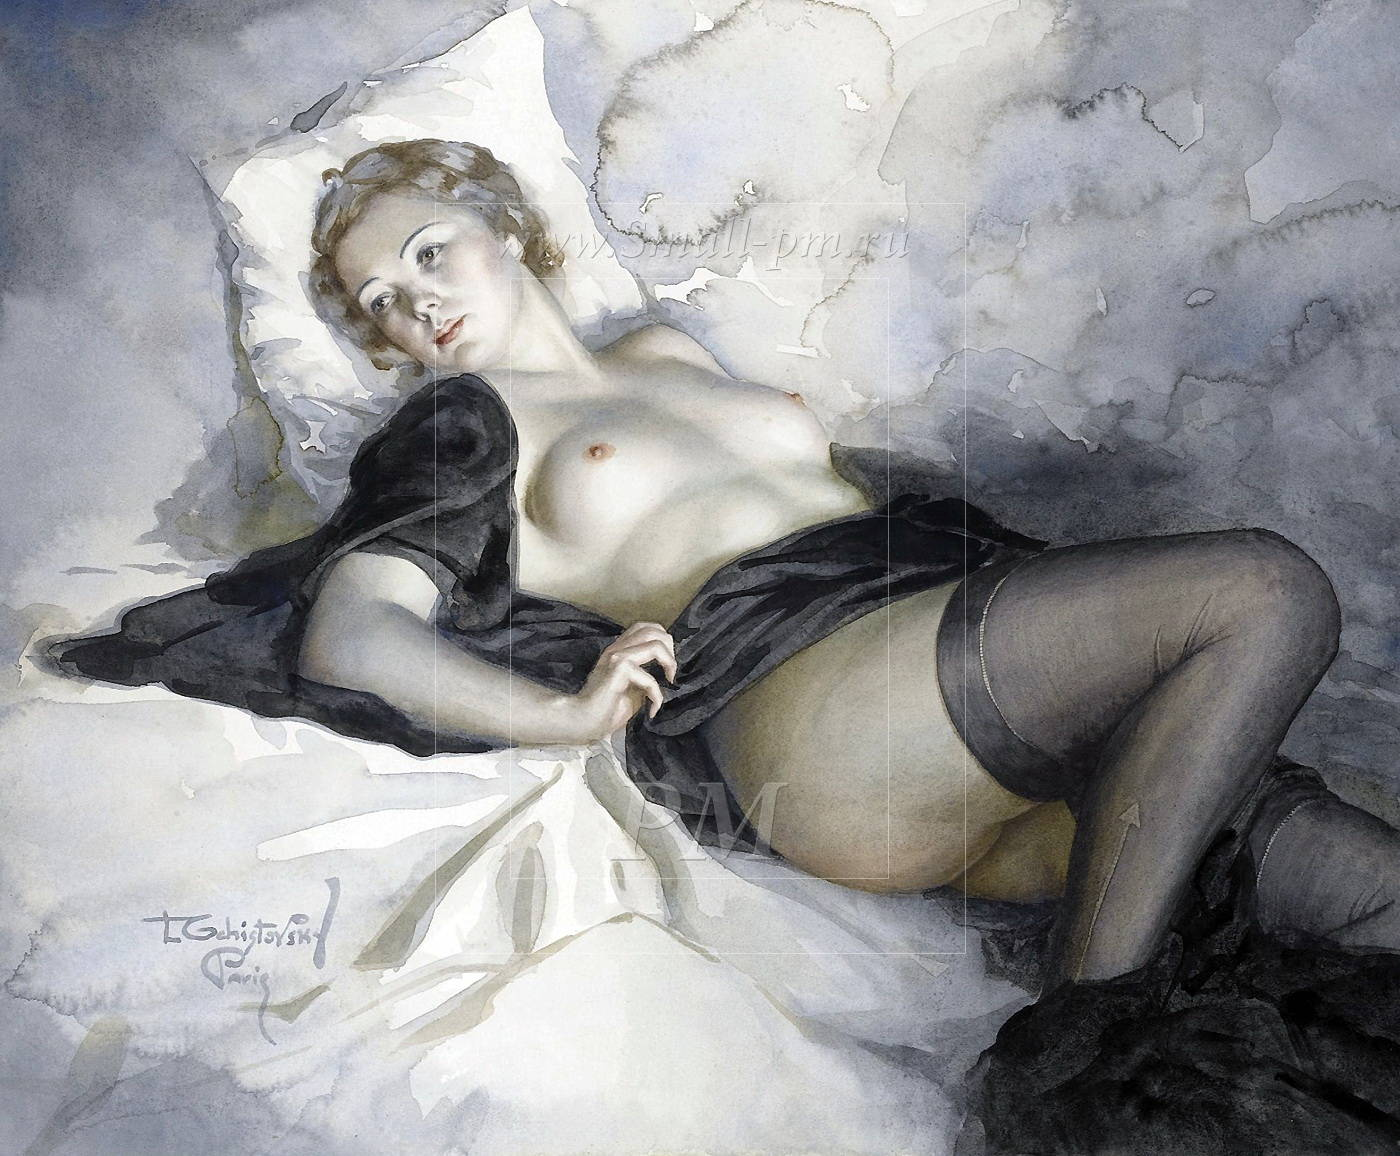 Бесплатное порно видео онлайн Белье и чулки прекрасная девушка в